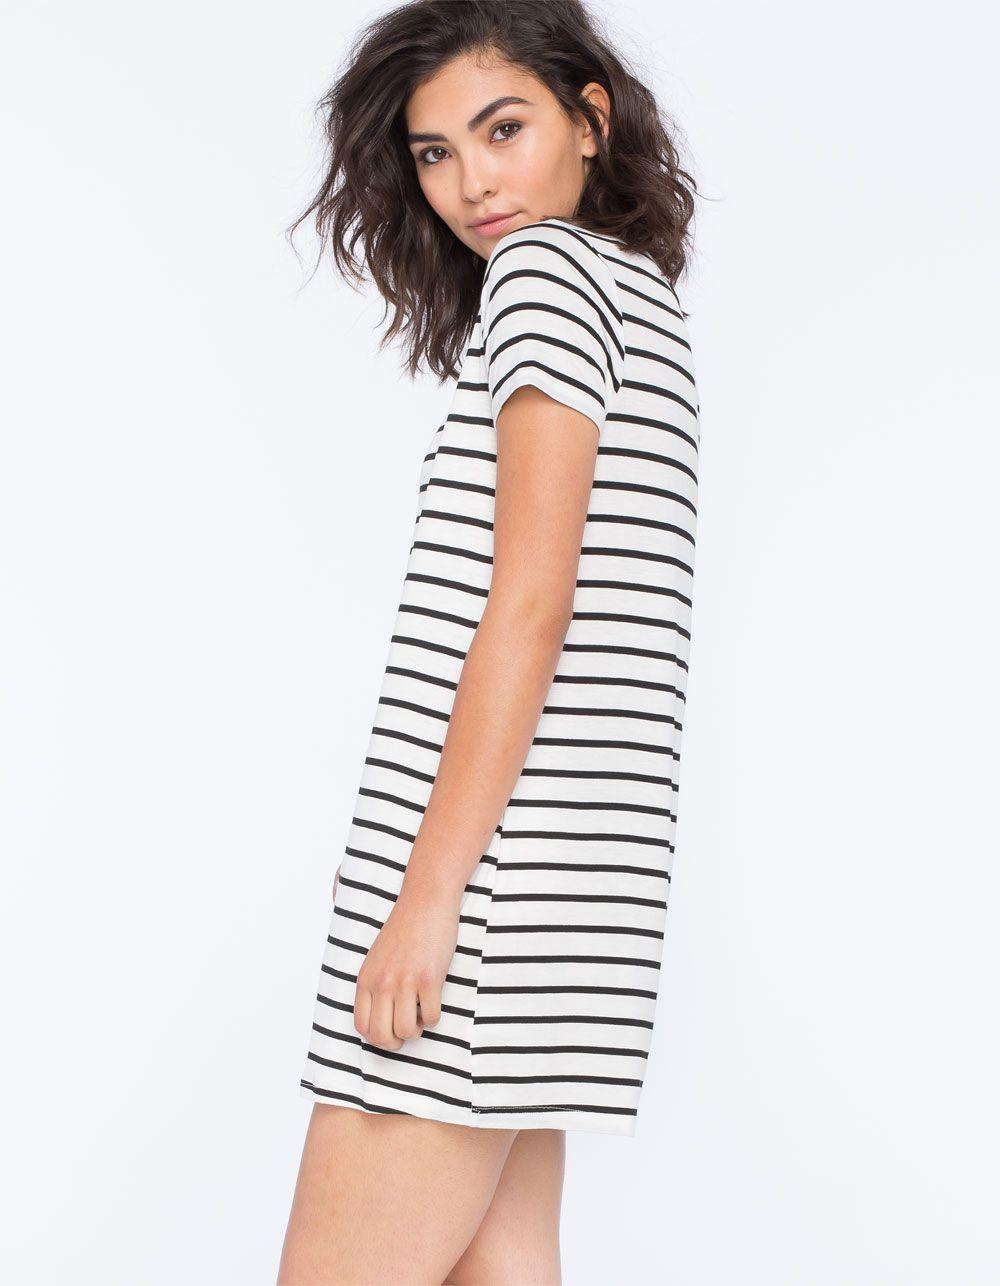 SOCIALITE Stripe Womens TShirt Dress Short Dresses